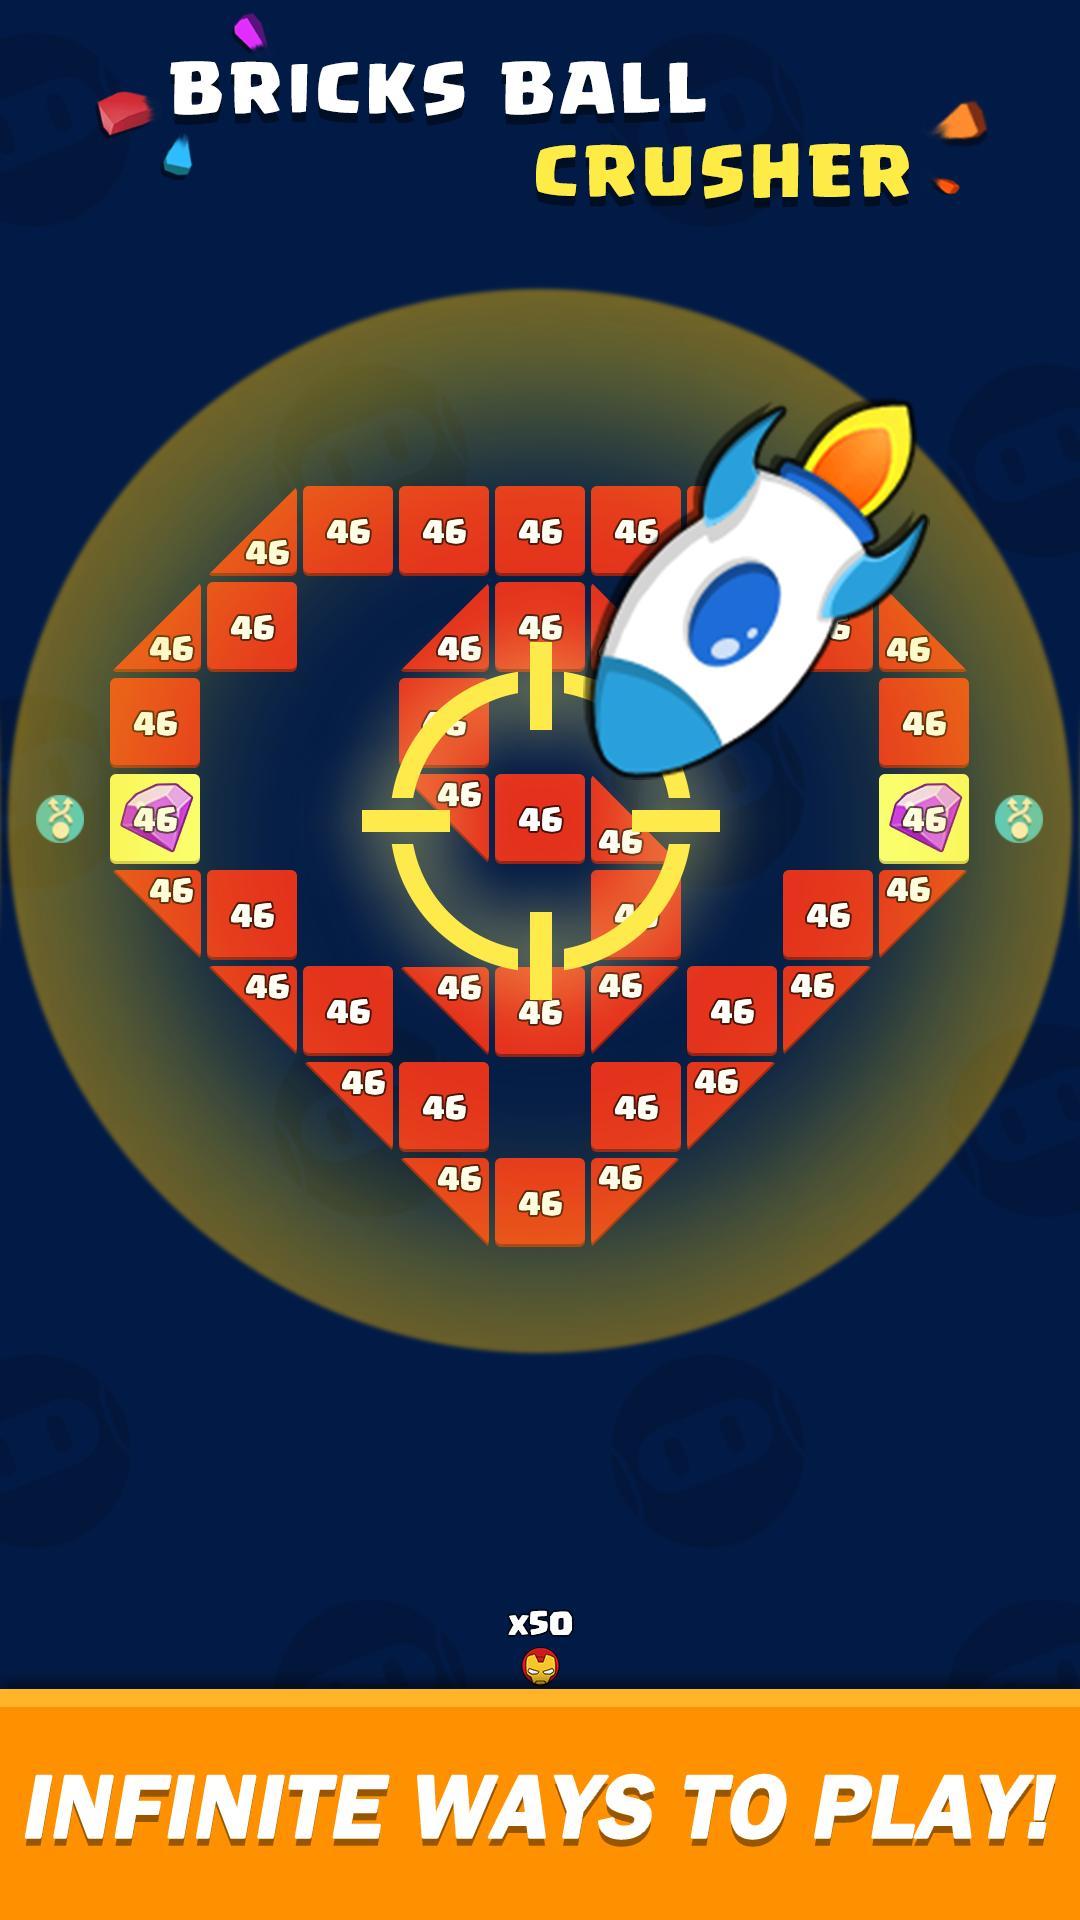 Bricks Ball Crusher 1.2.65 Screenshot 4